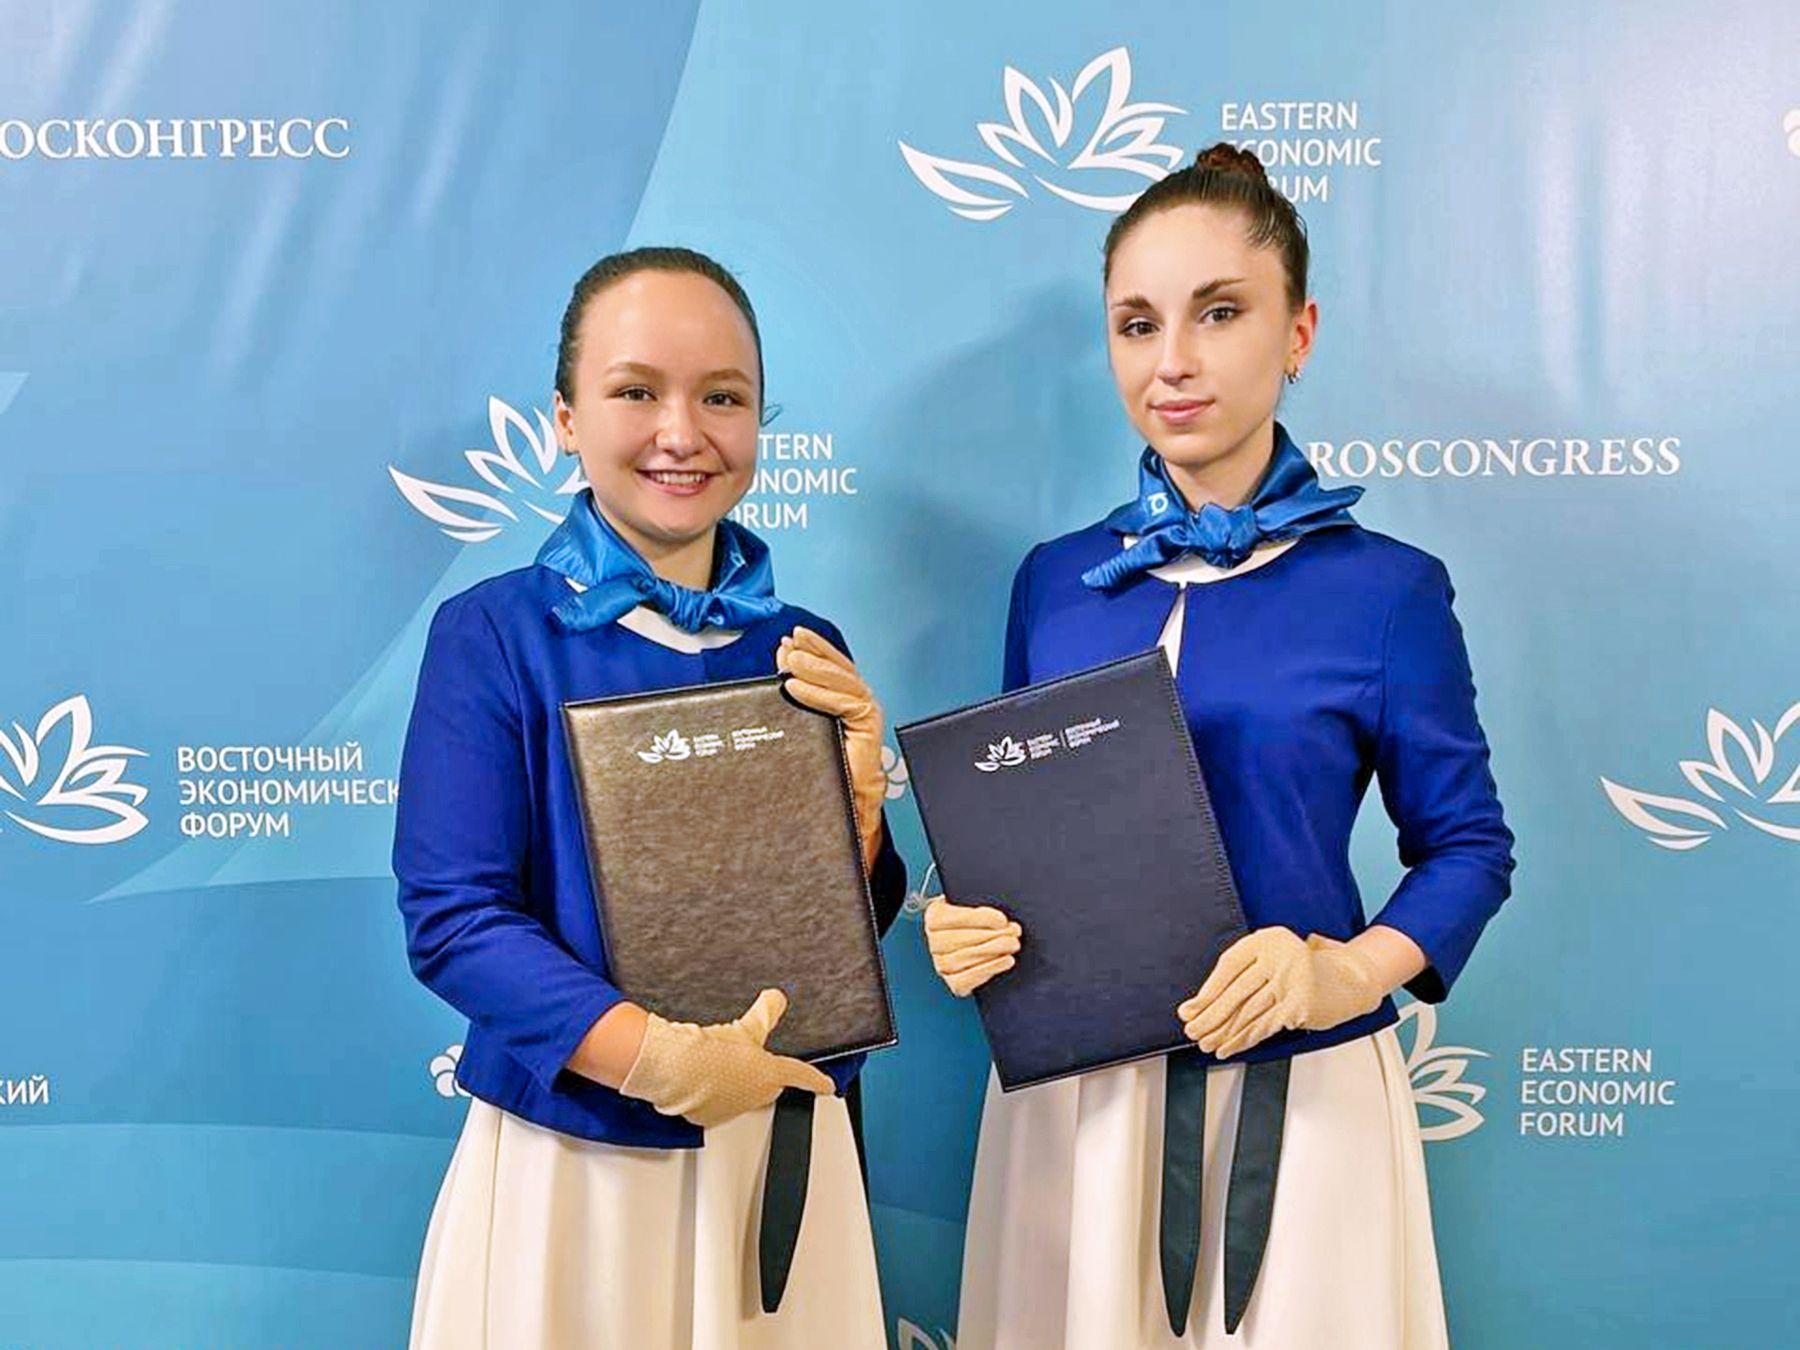 Студенты ВГУЭС – волонтёры Восточного экономического форума (ВЭФ)